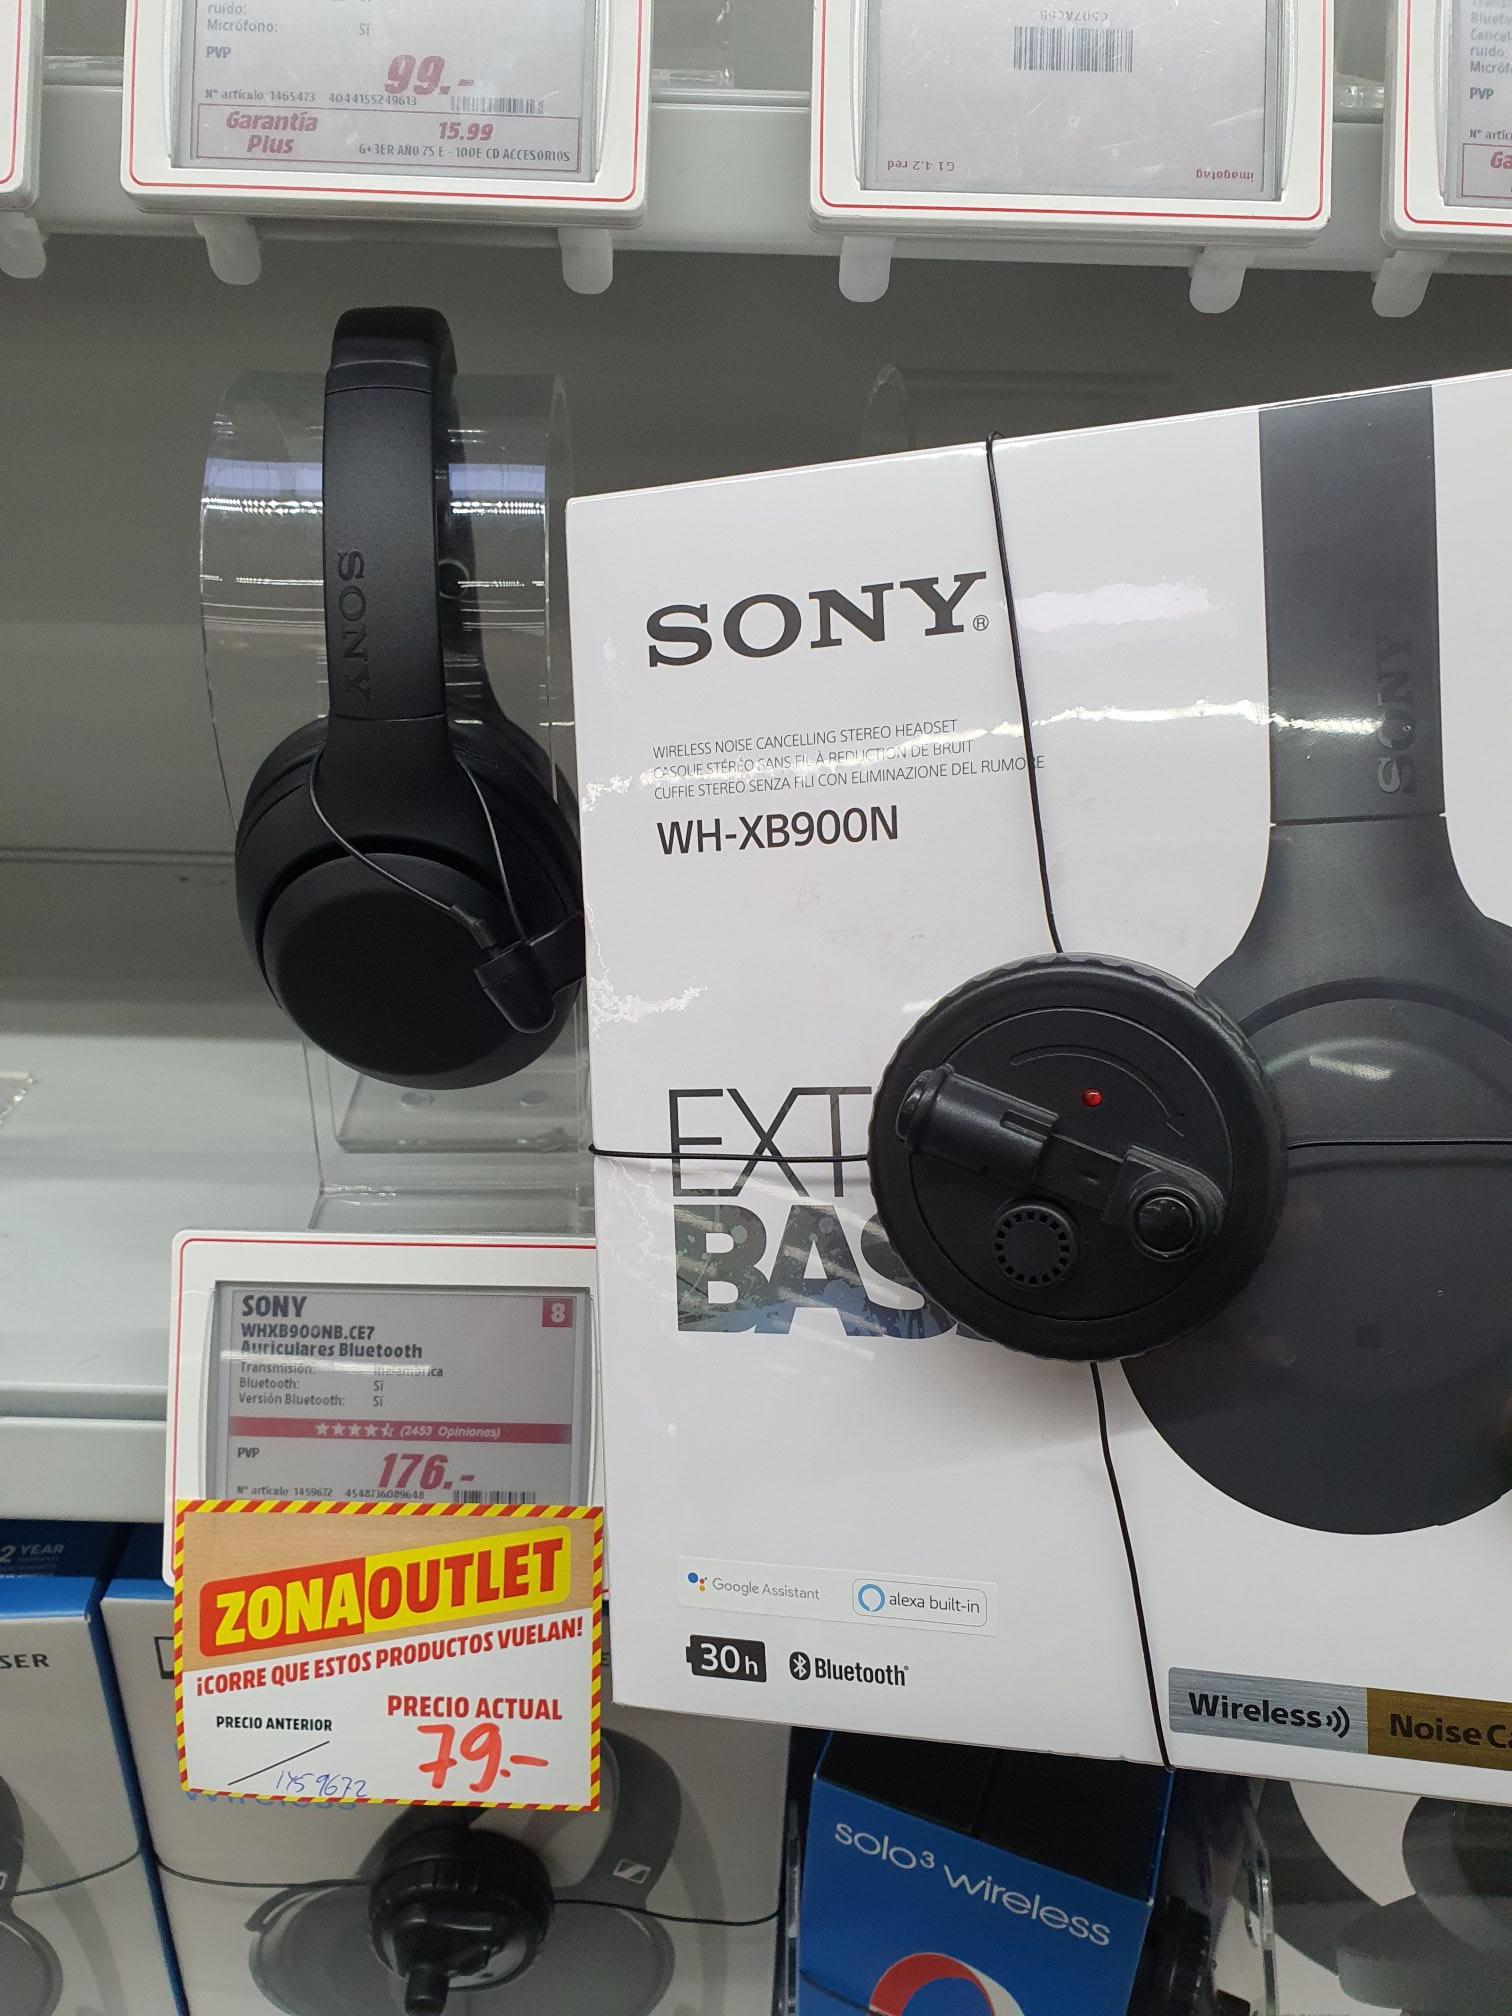 Sony WHXB900N, Bluetooth, Cancelación de ruido